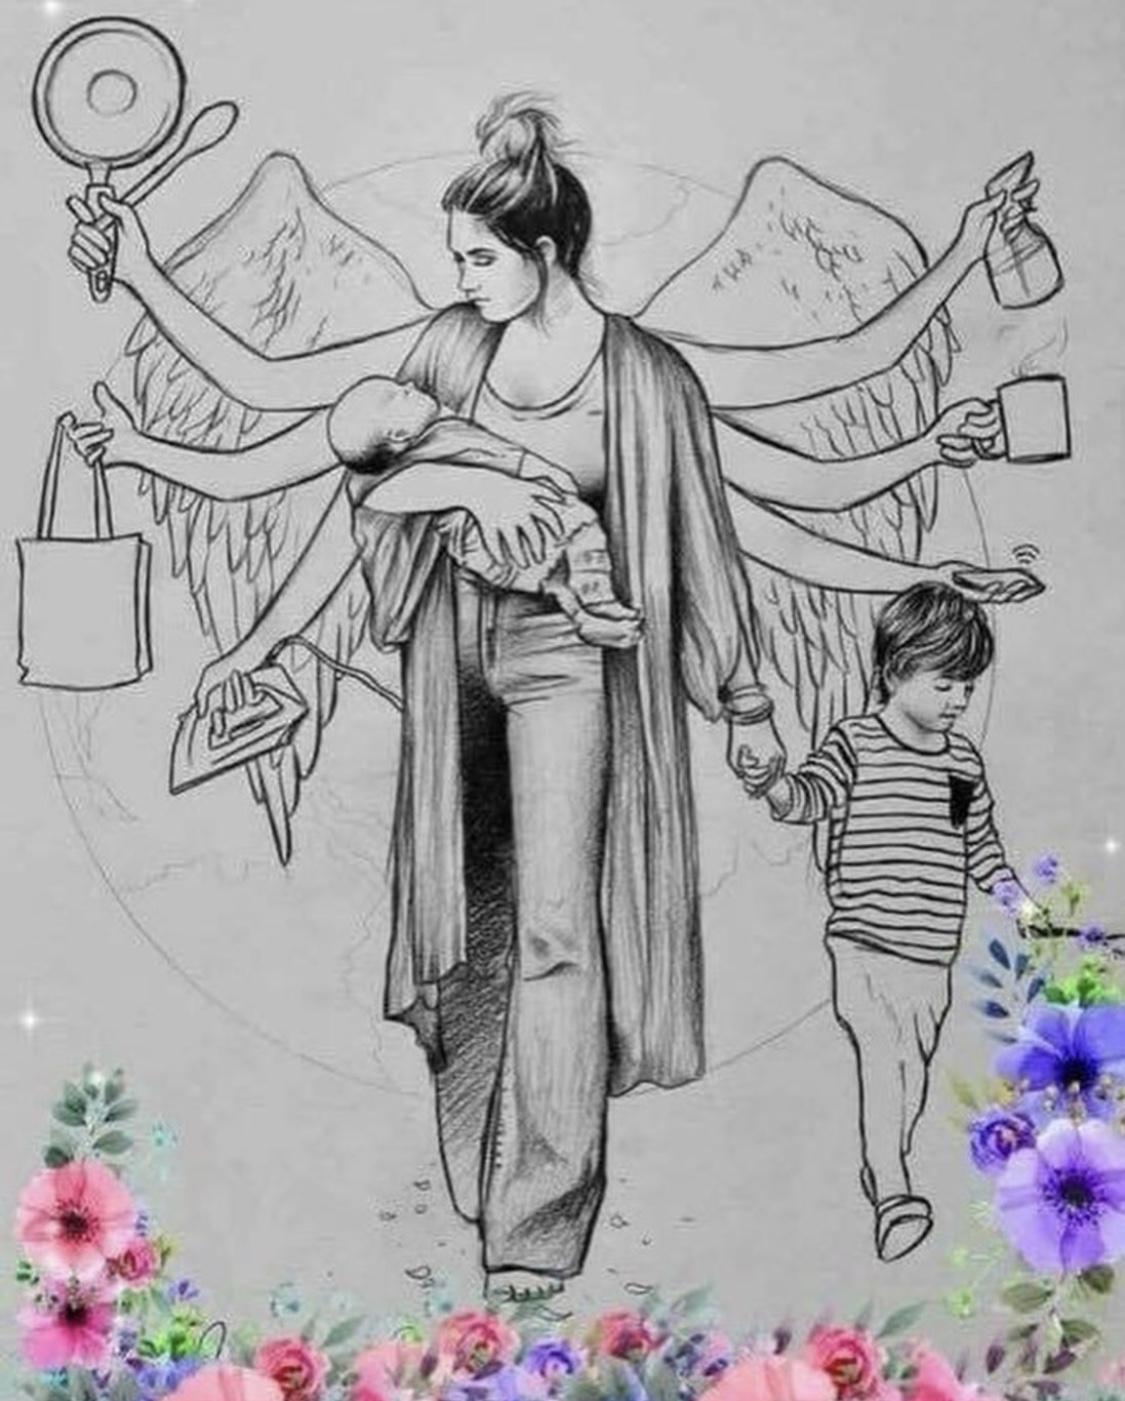 Image via @pregnancy.zone  When Do You Actually Become a Mother? Samantha Gunn Doula Sydney